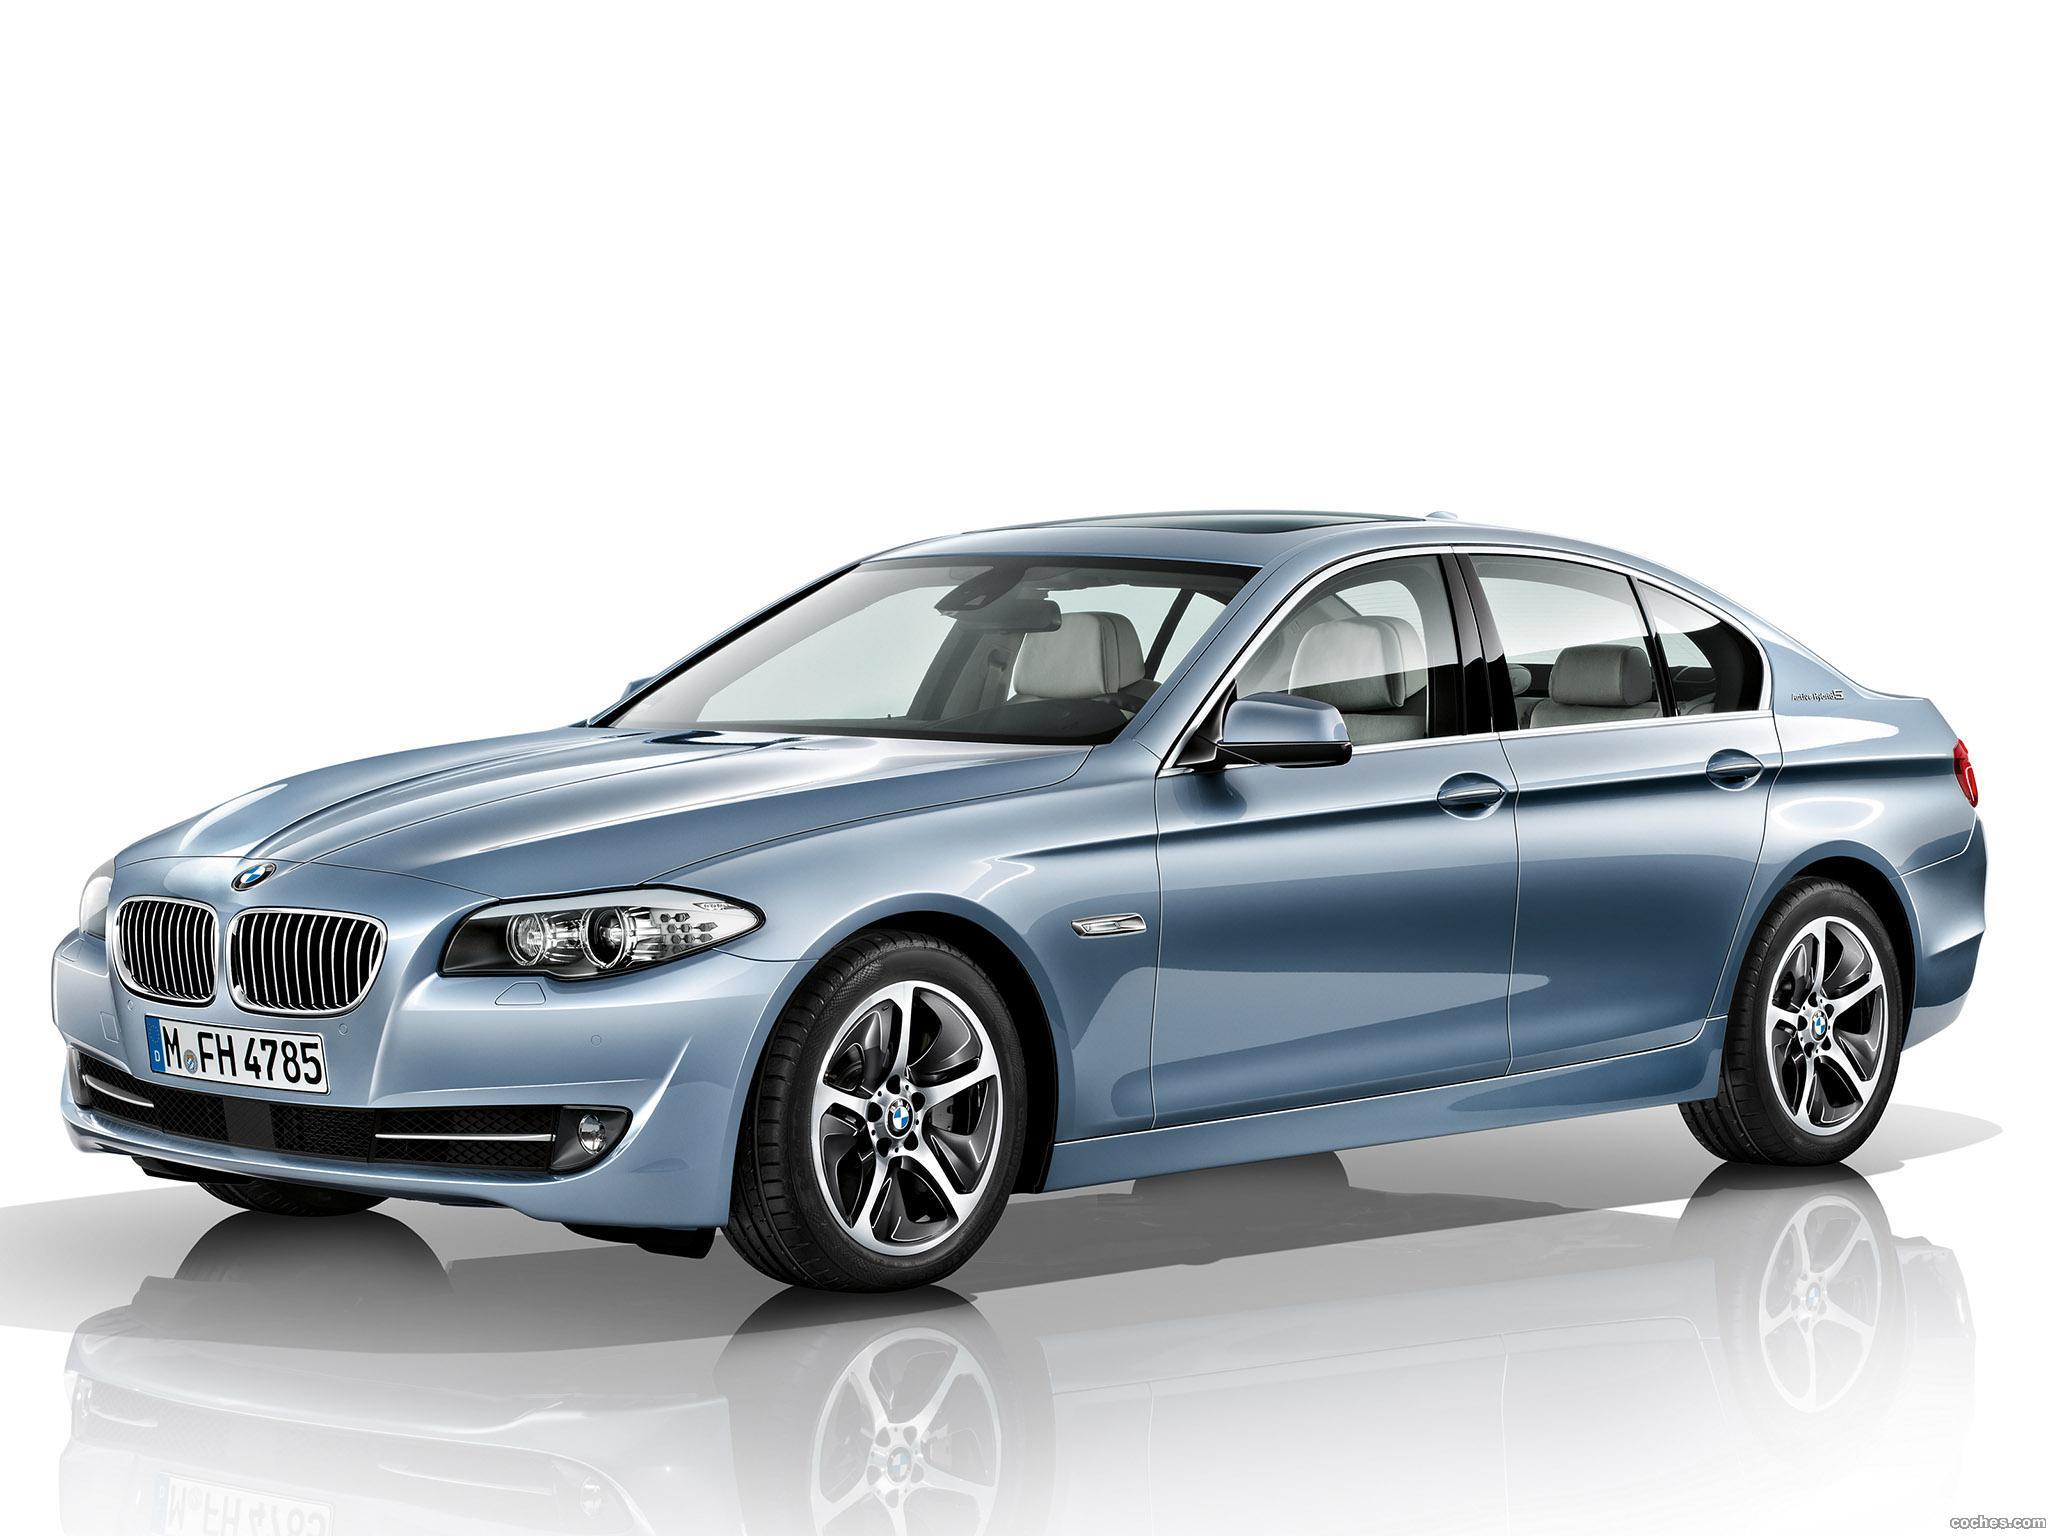 Foto 0 de BMW Serie 5 ActiveHybrid 2011